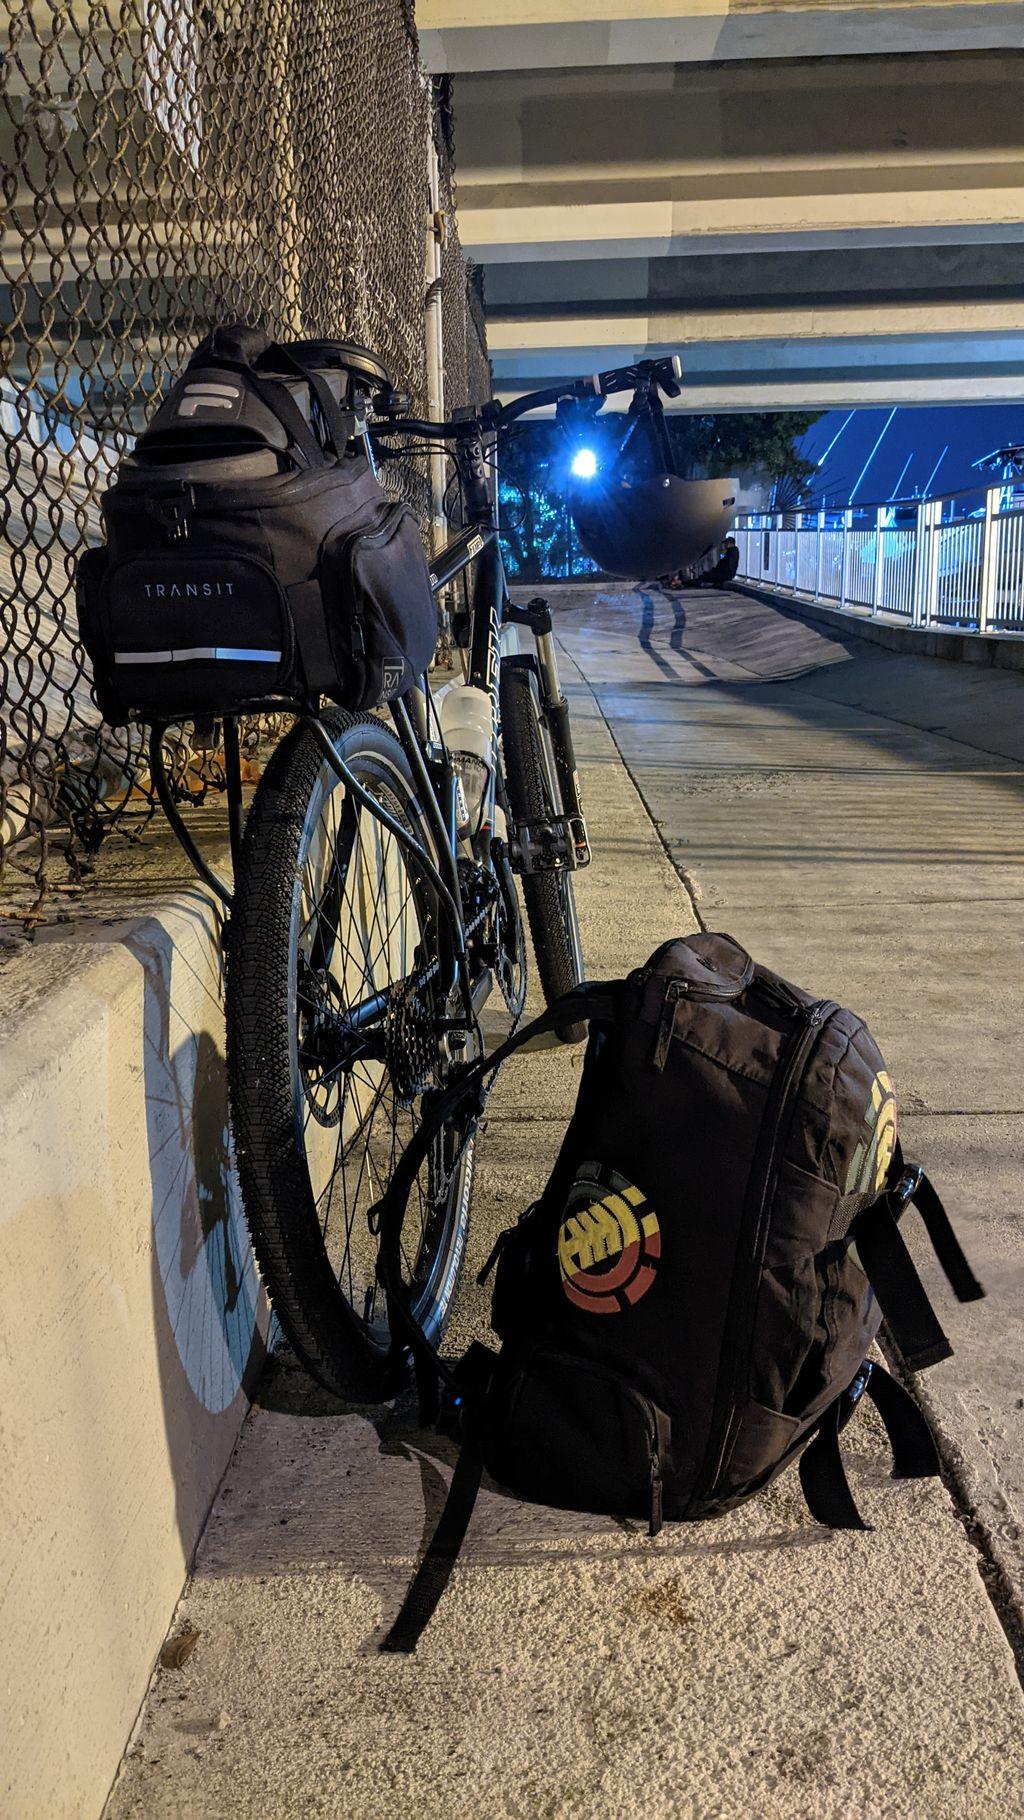 Trek Fule 70 under bridge